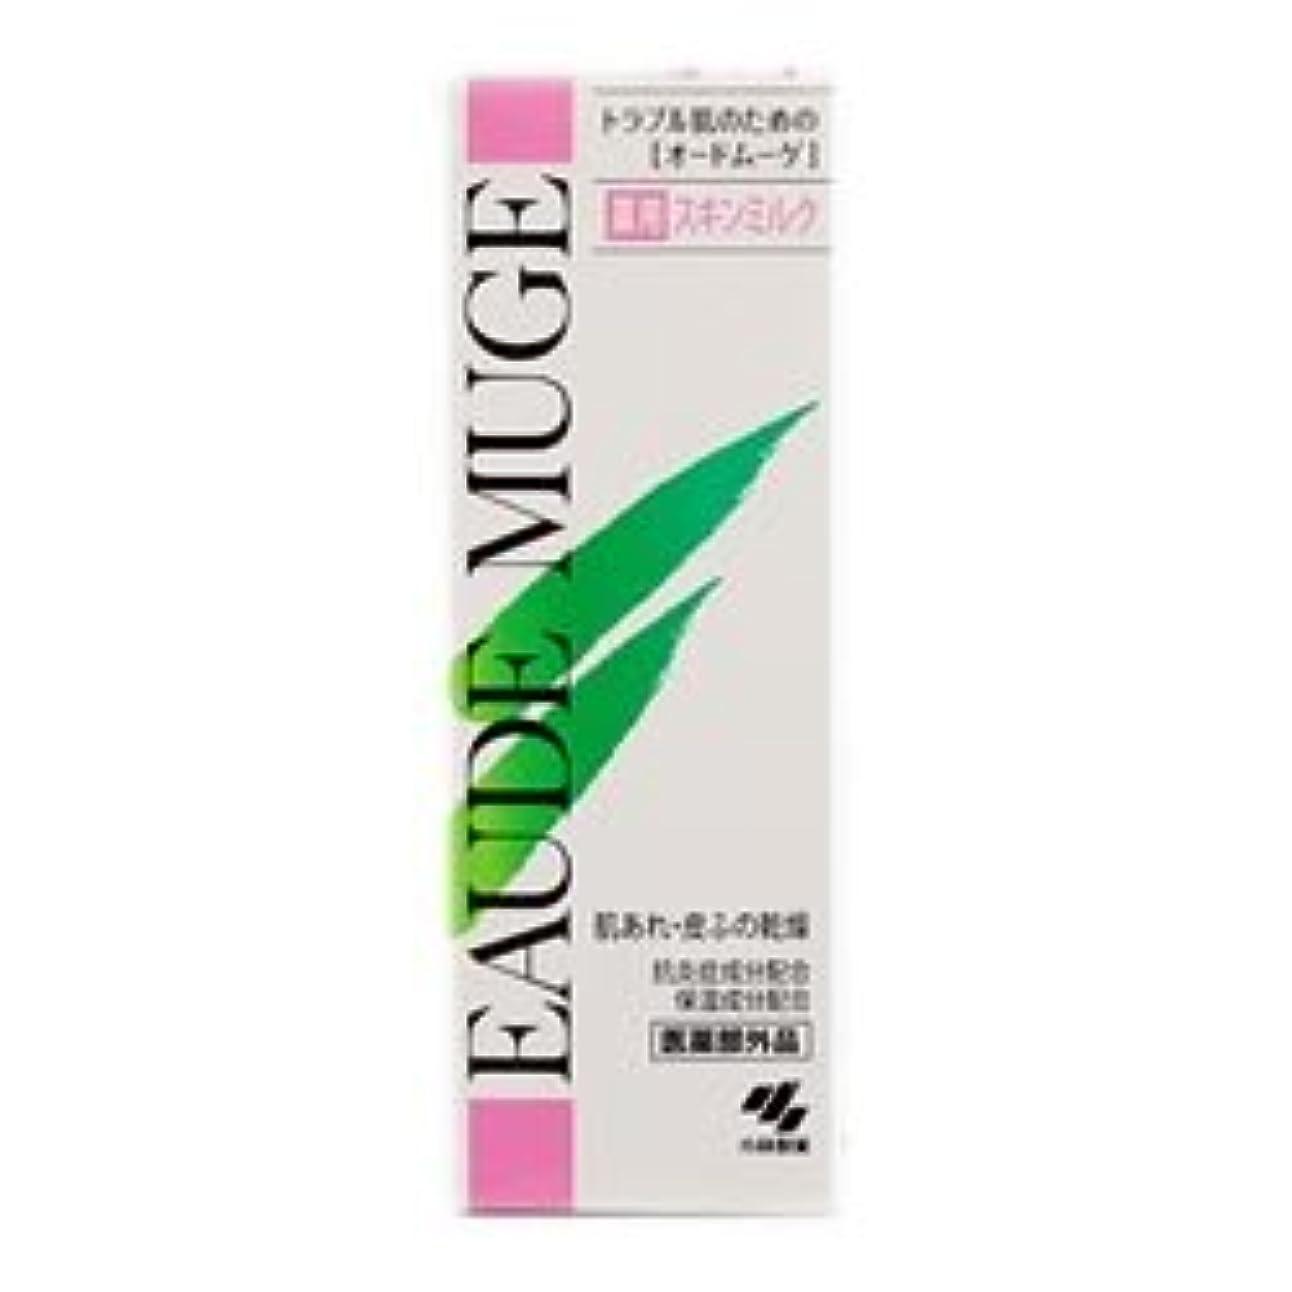 興奮する論争ディーラー【小林製薬】オードムーゲ薬用スキンミルク 100g ×5個セット